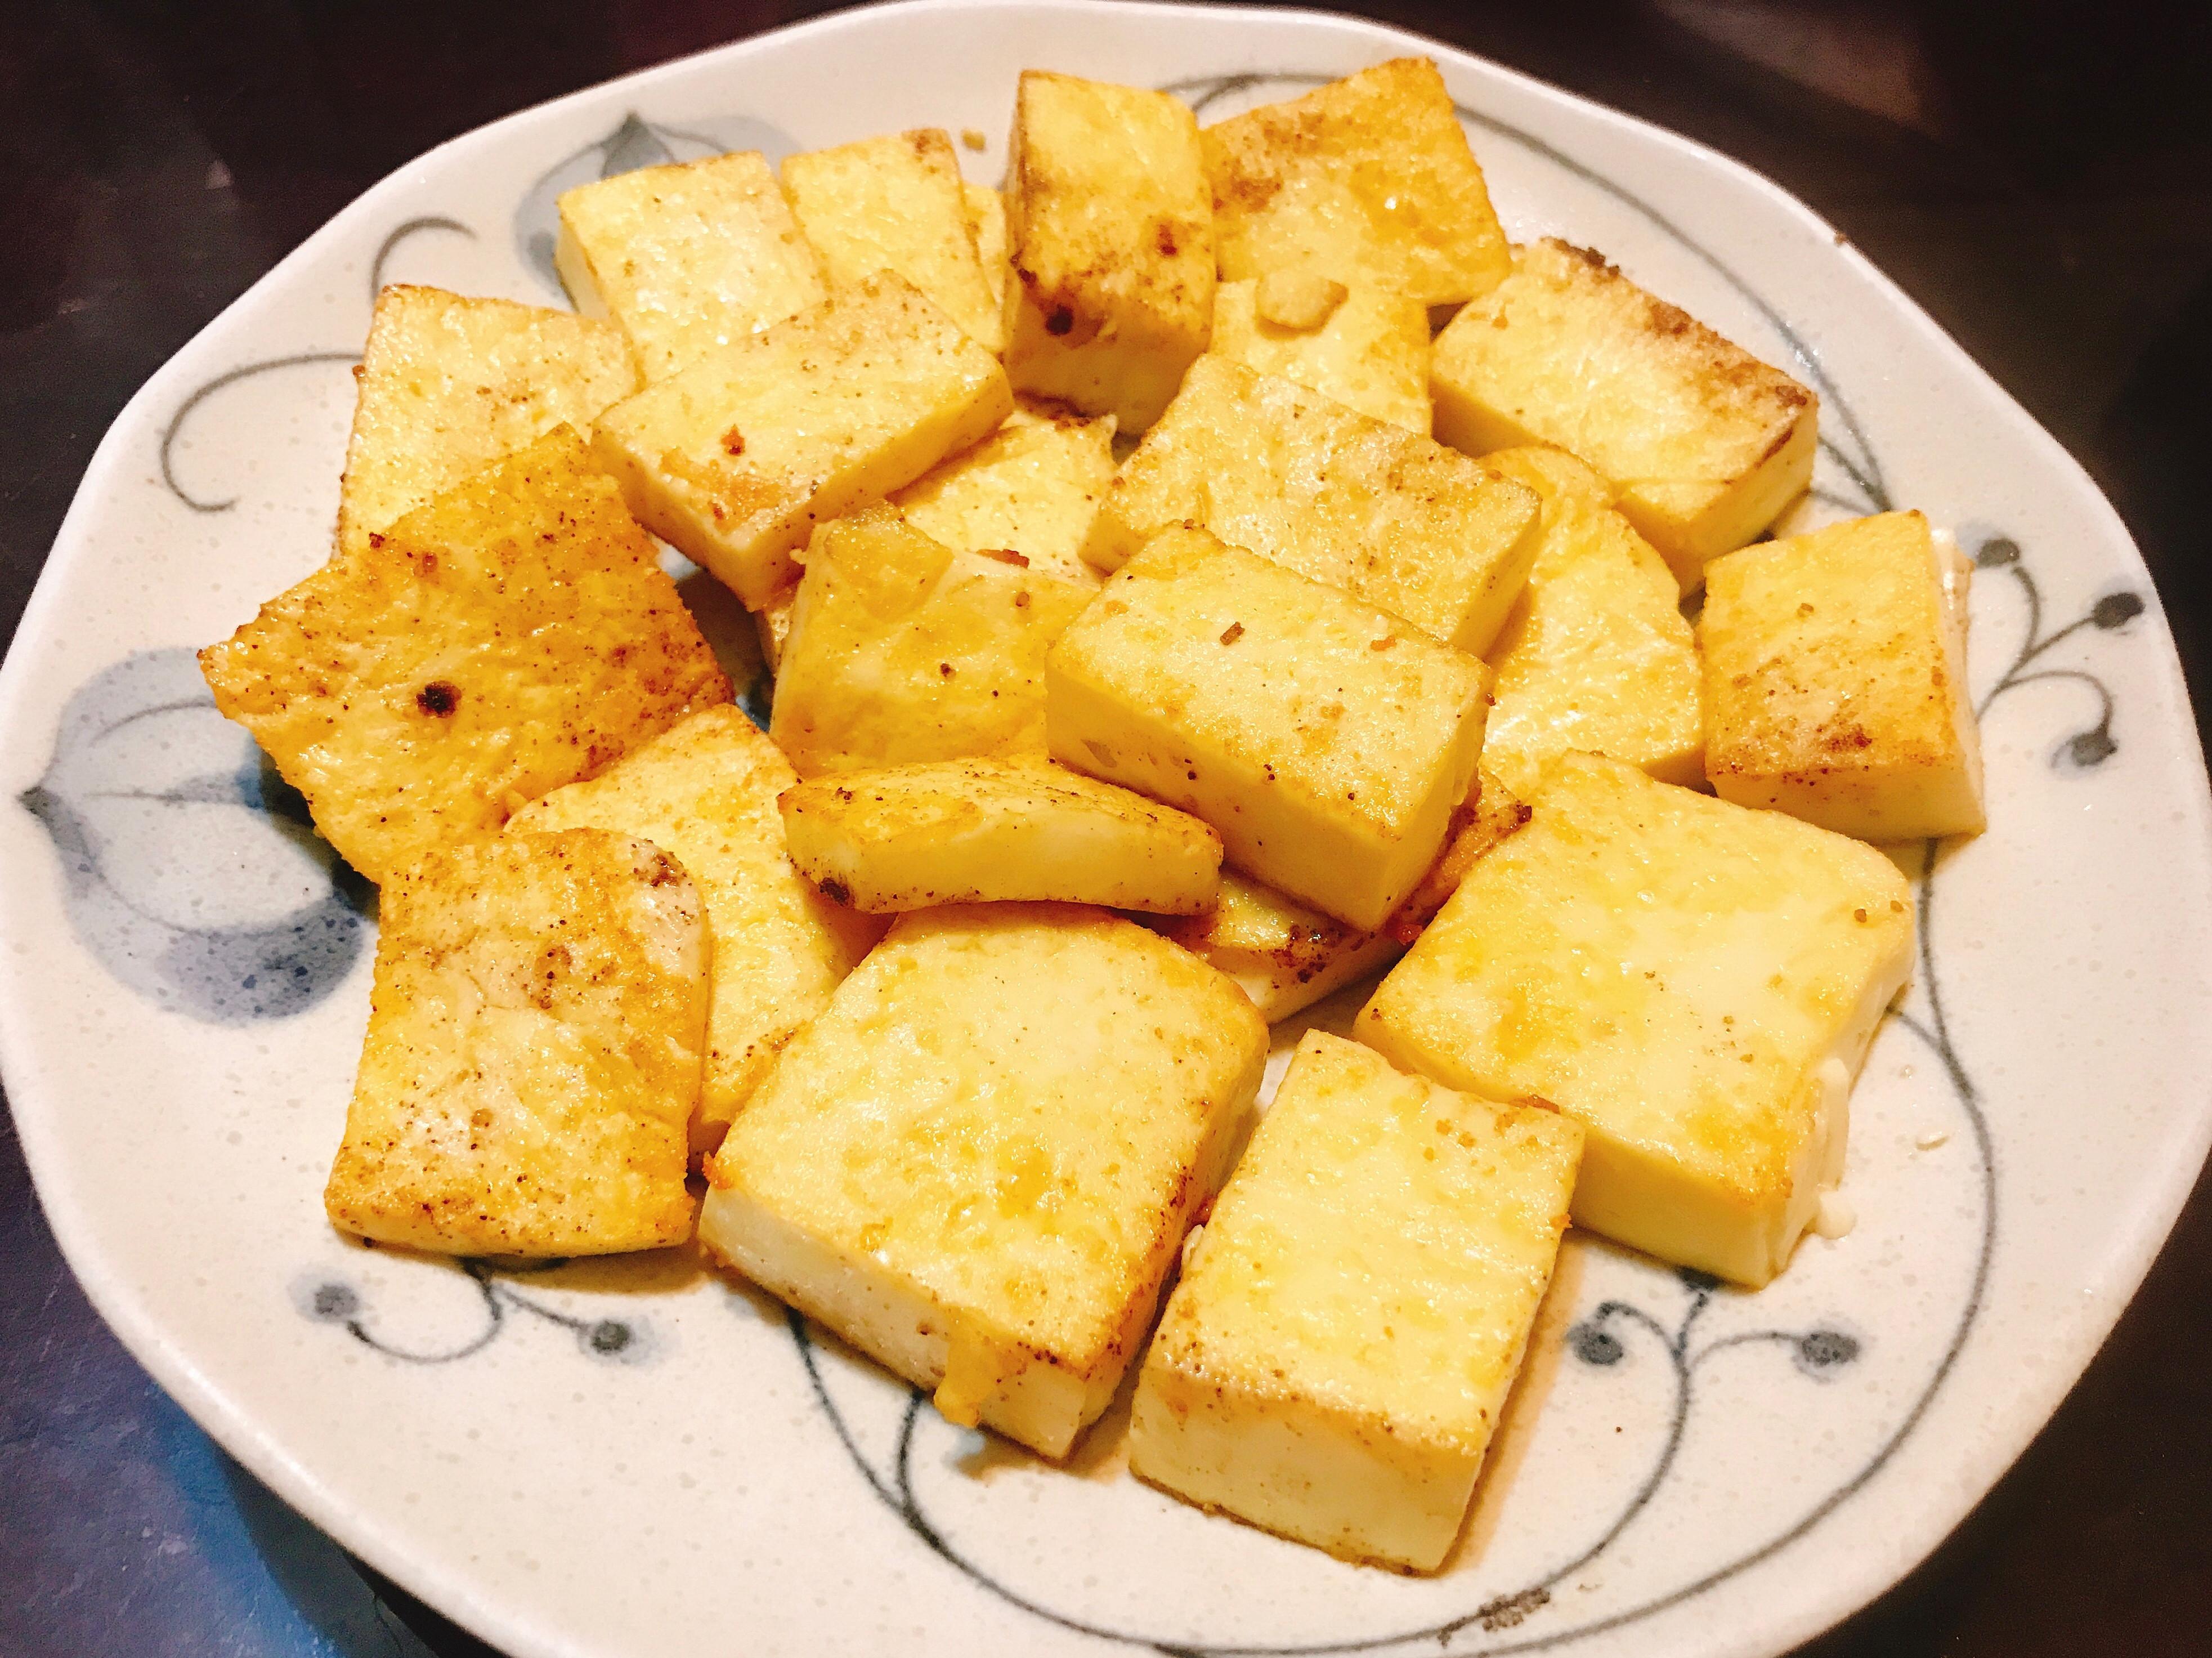 椒鹽雞蛋豆腐